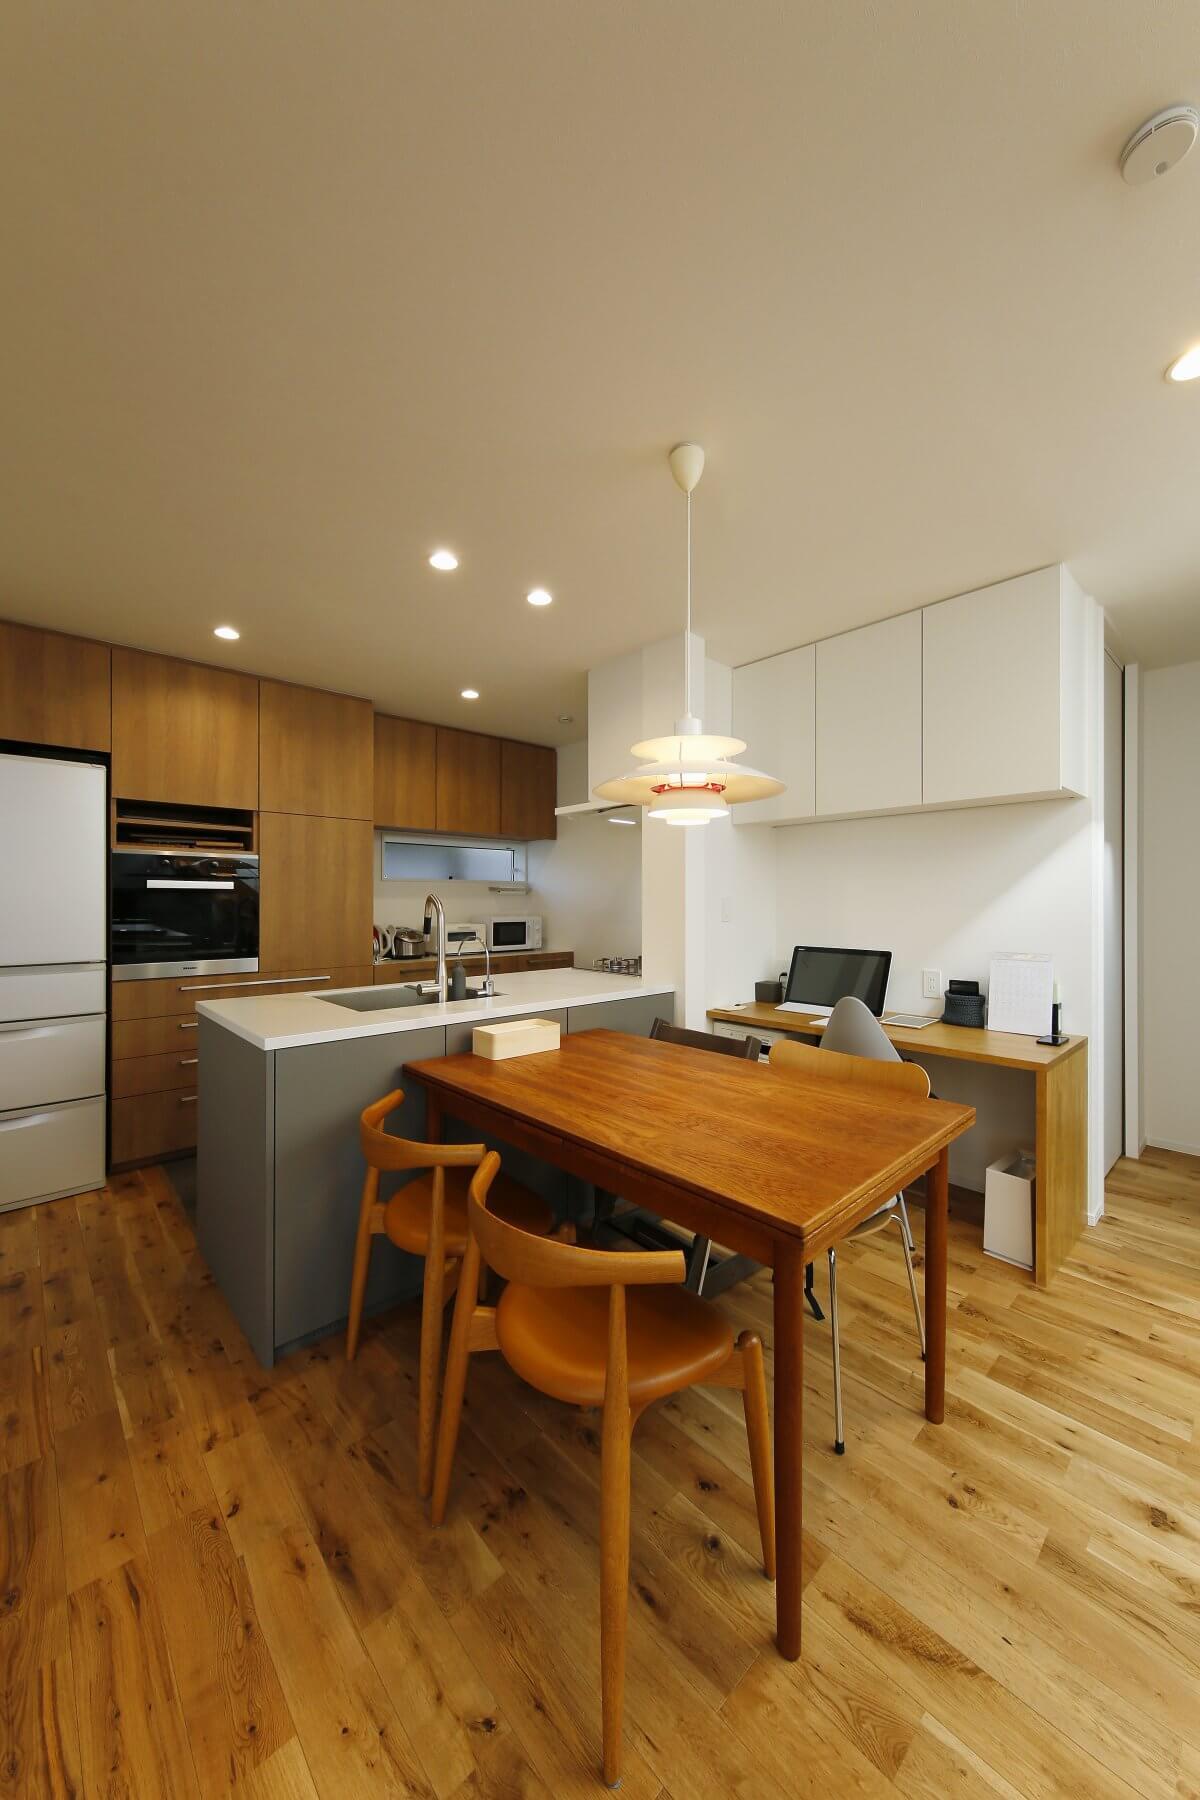 キッチン背面には、ビルトインタイプのオーブンレンジを設けた収納を造作しました。冷蔵庫も使用サイズを採寸しスッキリと収めています。ダイニングテーブルの奥は、テレワークもできる多目的カウンターを造作。